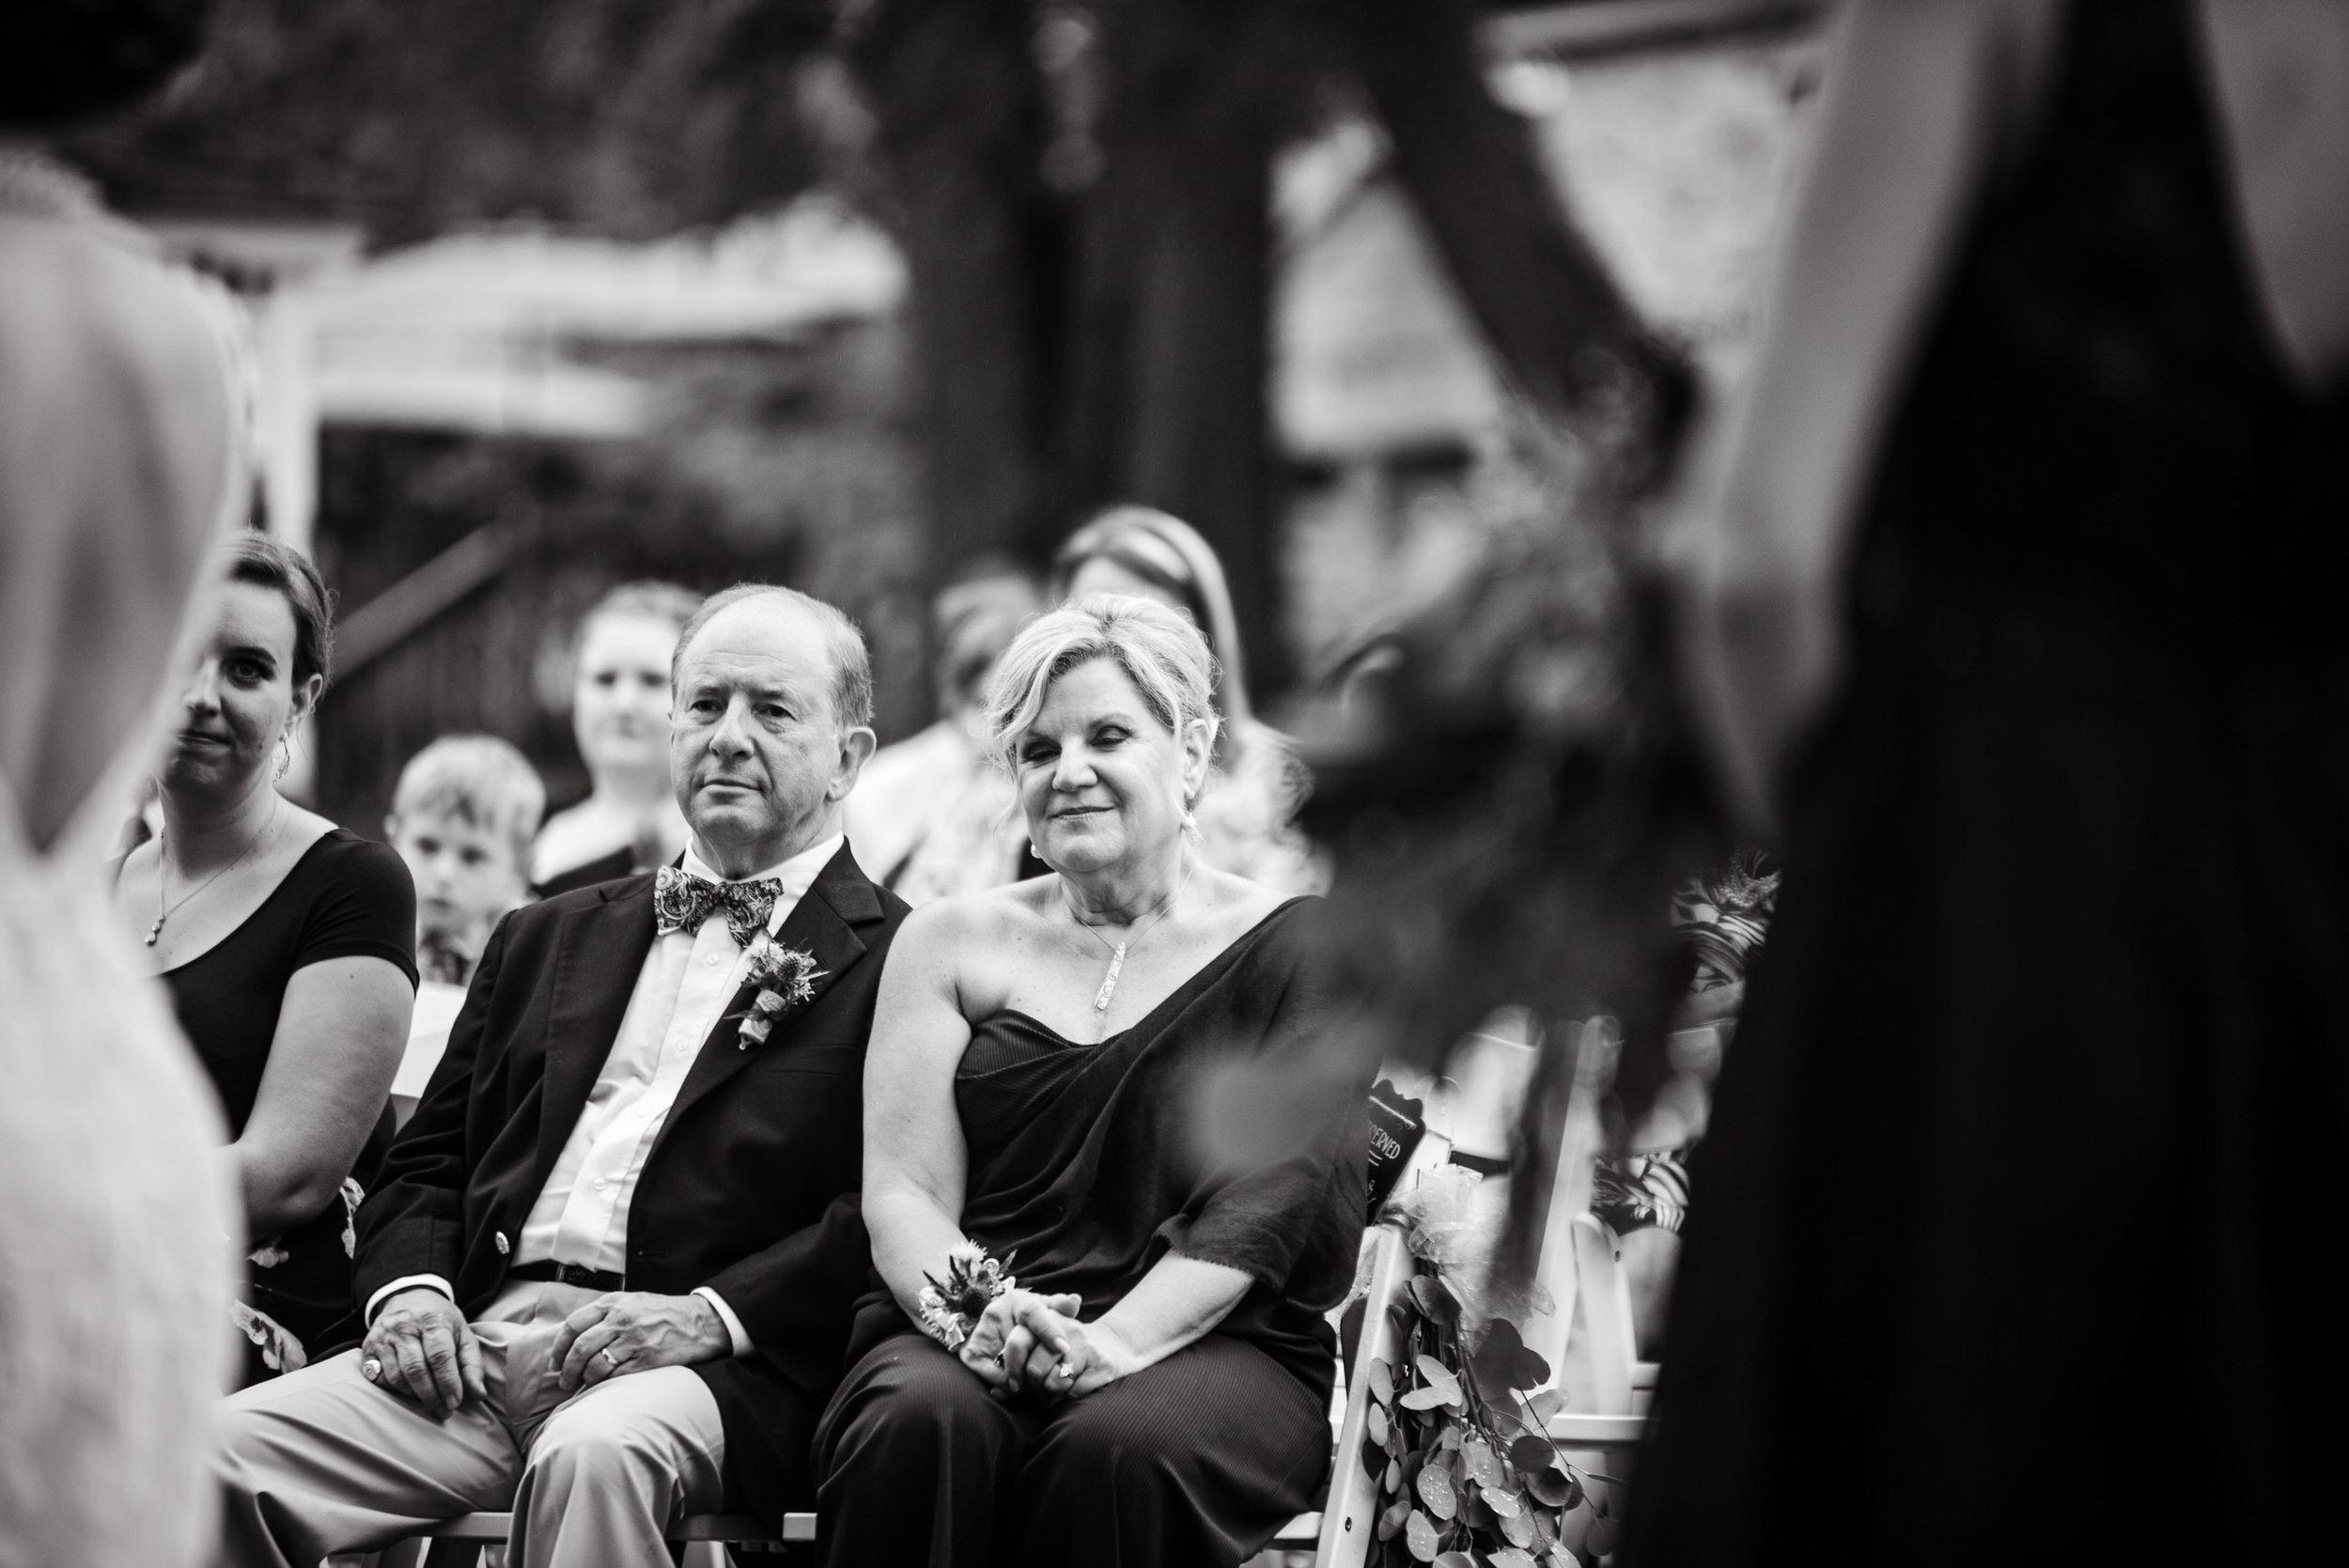 WalkersOverlookWedding-Angela&Ben-Ceremony-26.jpg